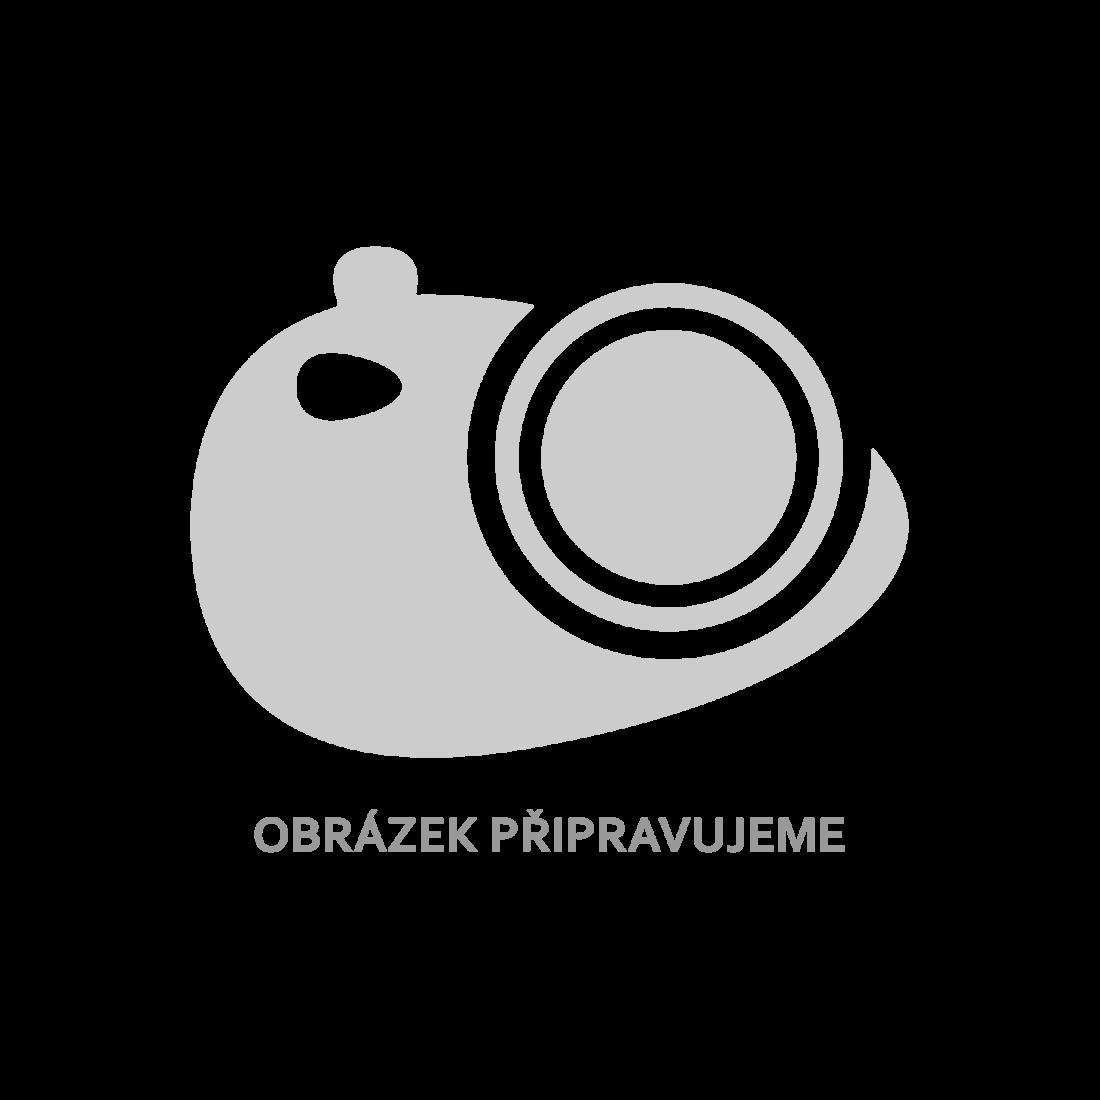 vidaXL Lavice 160 cm vícebarevná textil chindi [321840]